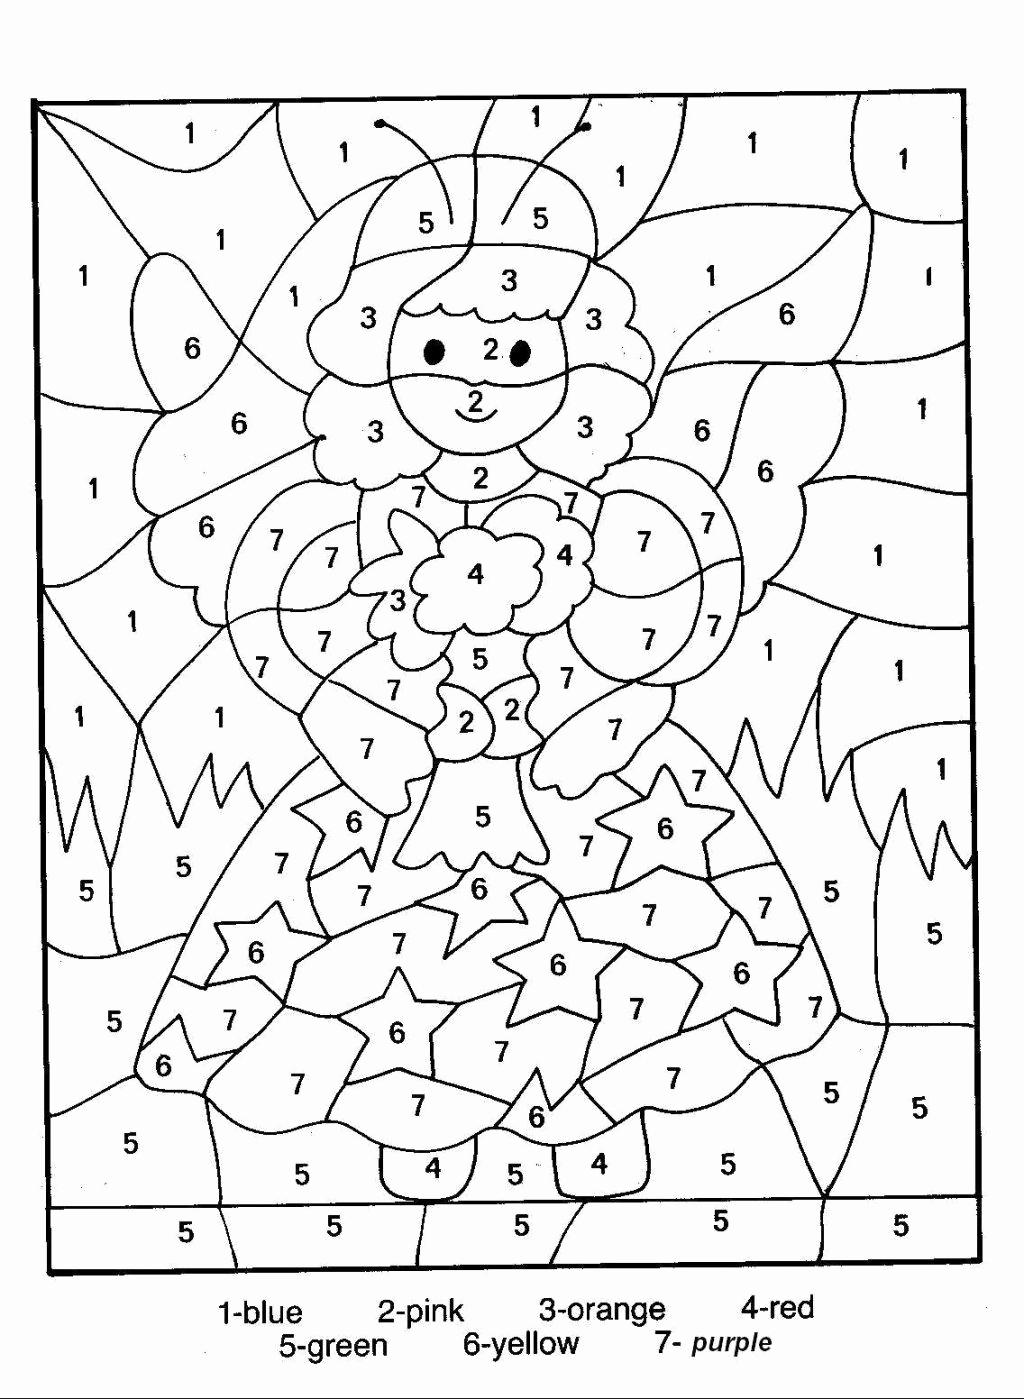 Addition Coloring Worksheets for Kindergarten Luxury 20 Dinosaur Addition Worksheets for Kindergarten